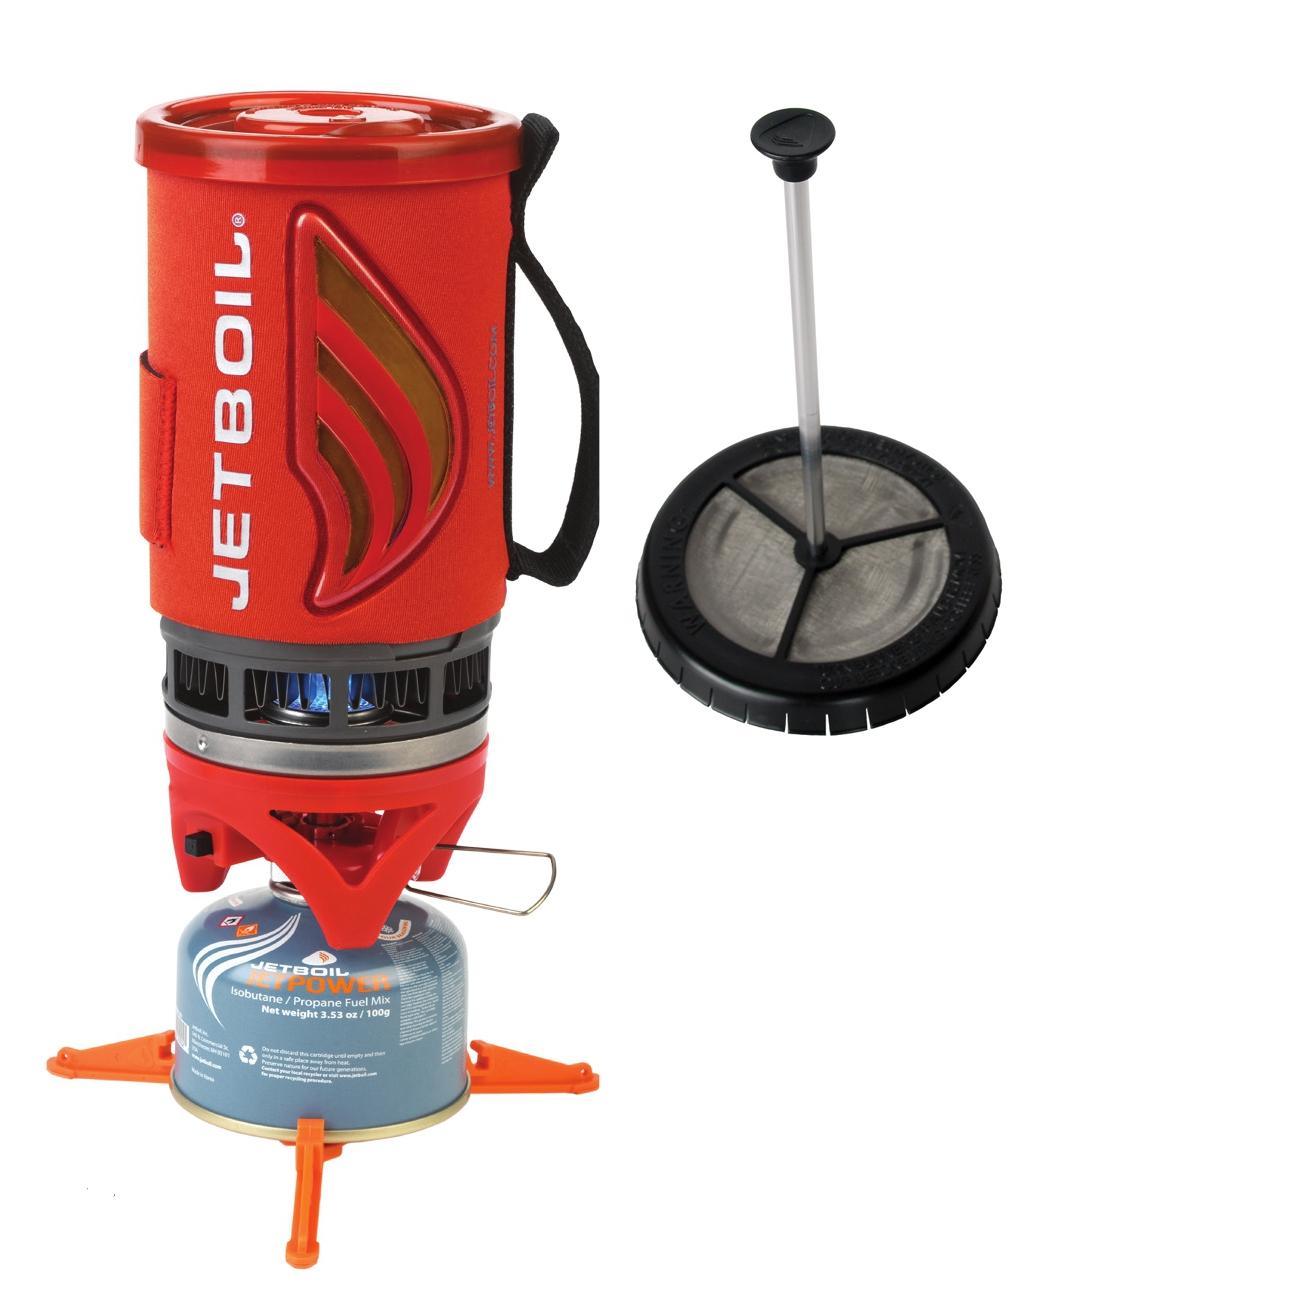 Guten Kaffee and go! Mit dem Jetboil Coffee Flash ist die Grundversorgung der Eltern bei Outdoor-Aktivitäten mit Kaffee  gesichert.  Foto: (c) Jetboil